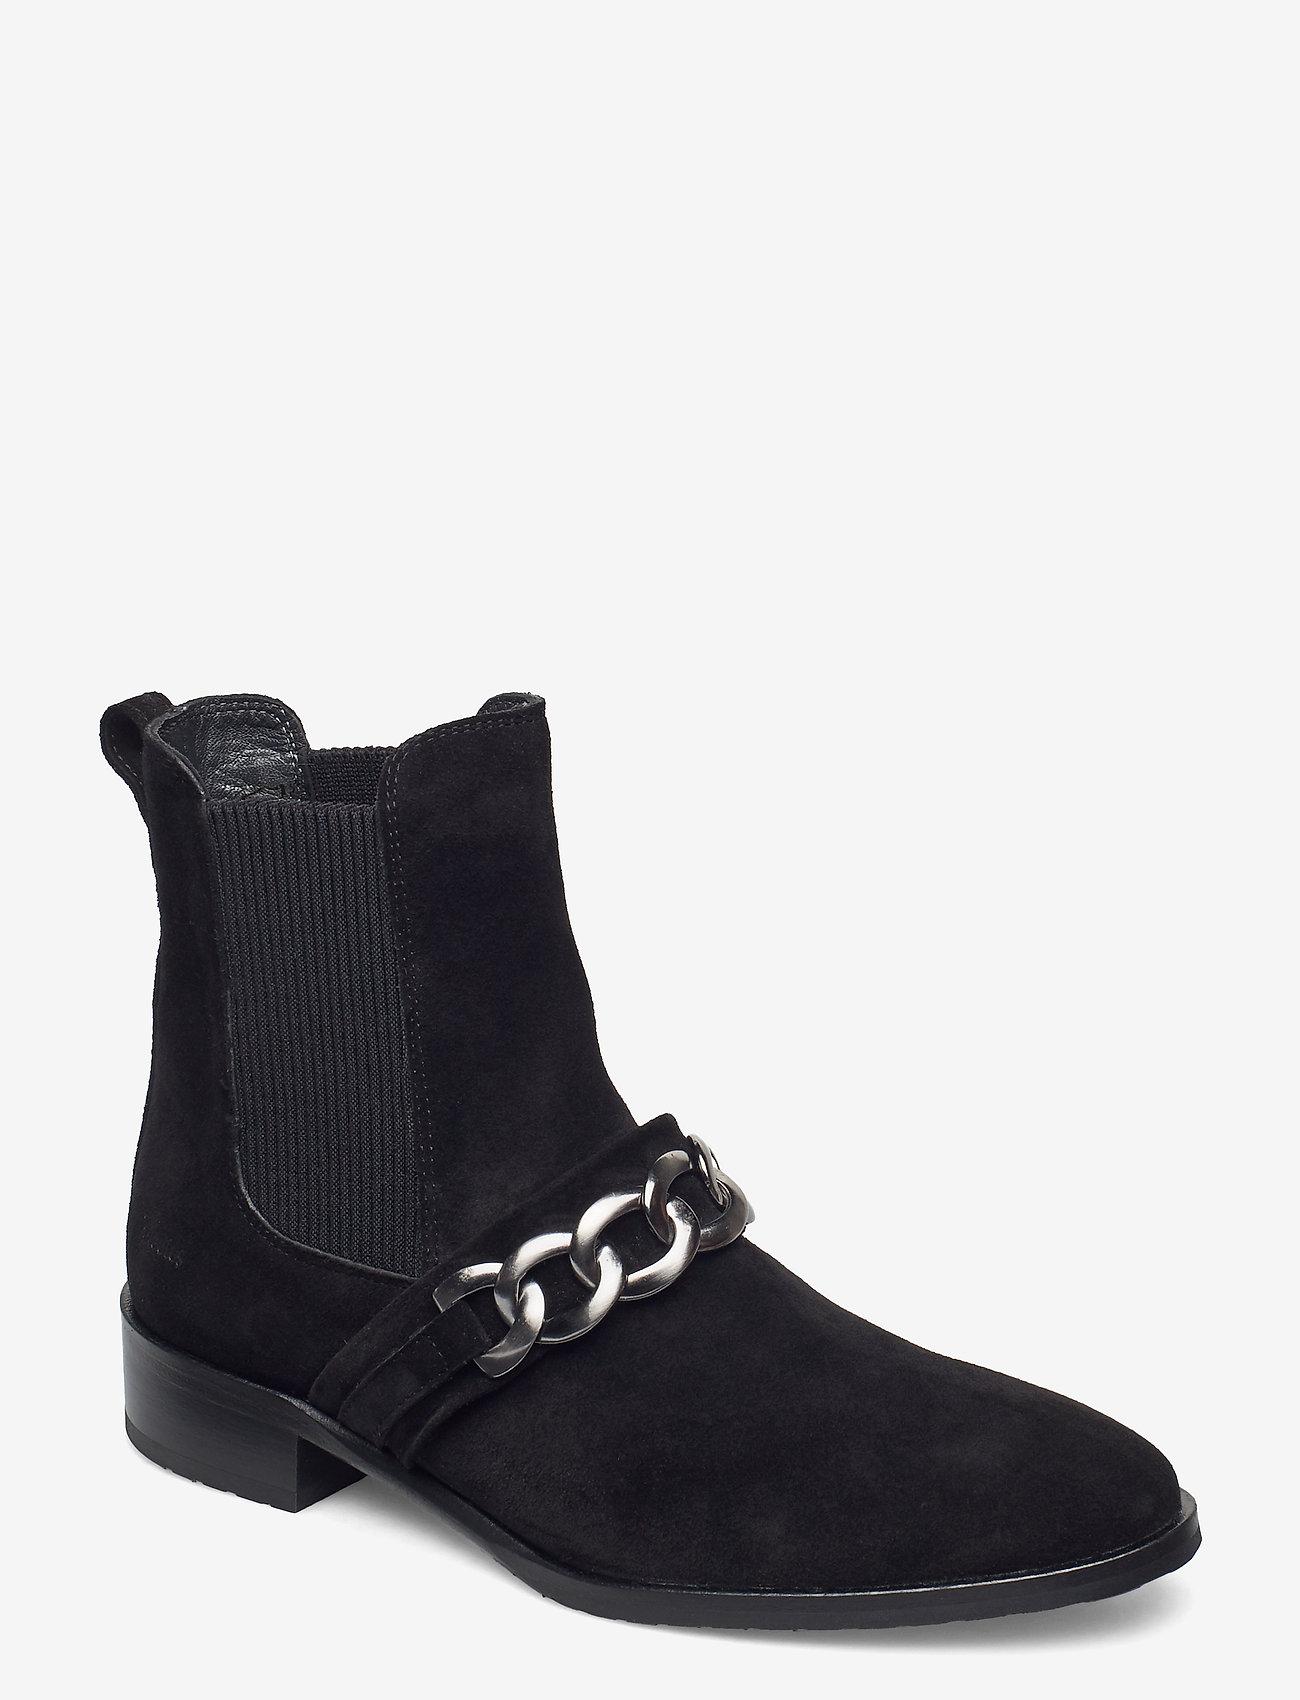 ANGULUS - Booties - flat - with elastic - platte enkellaarsjes - 1163/019 black/black - 0